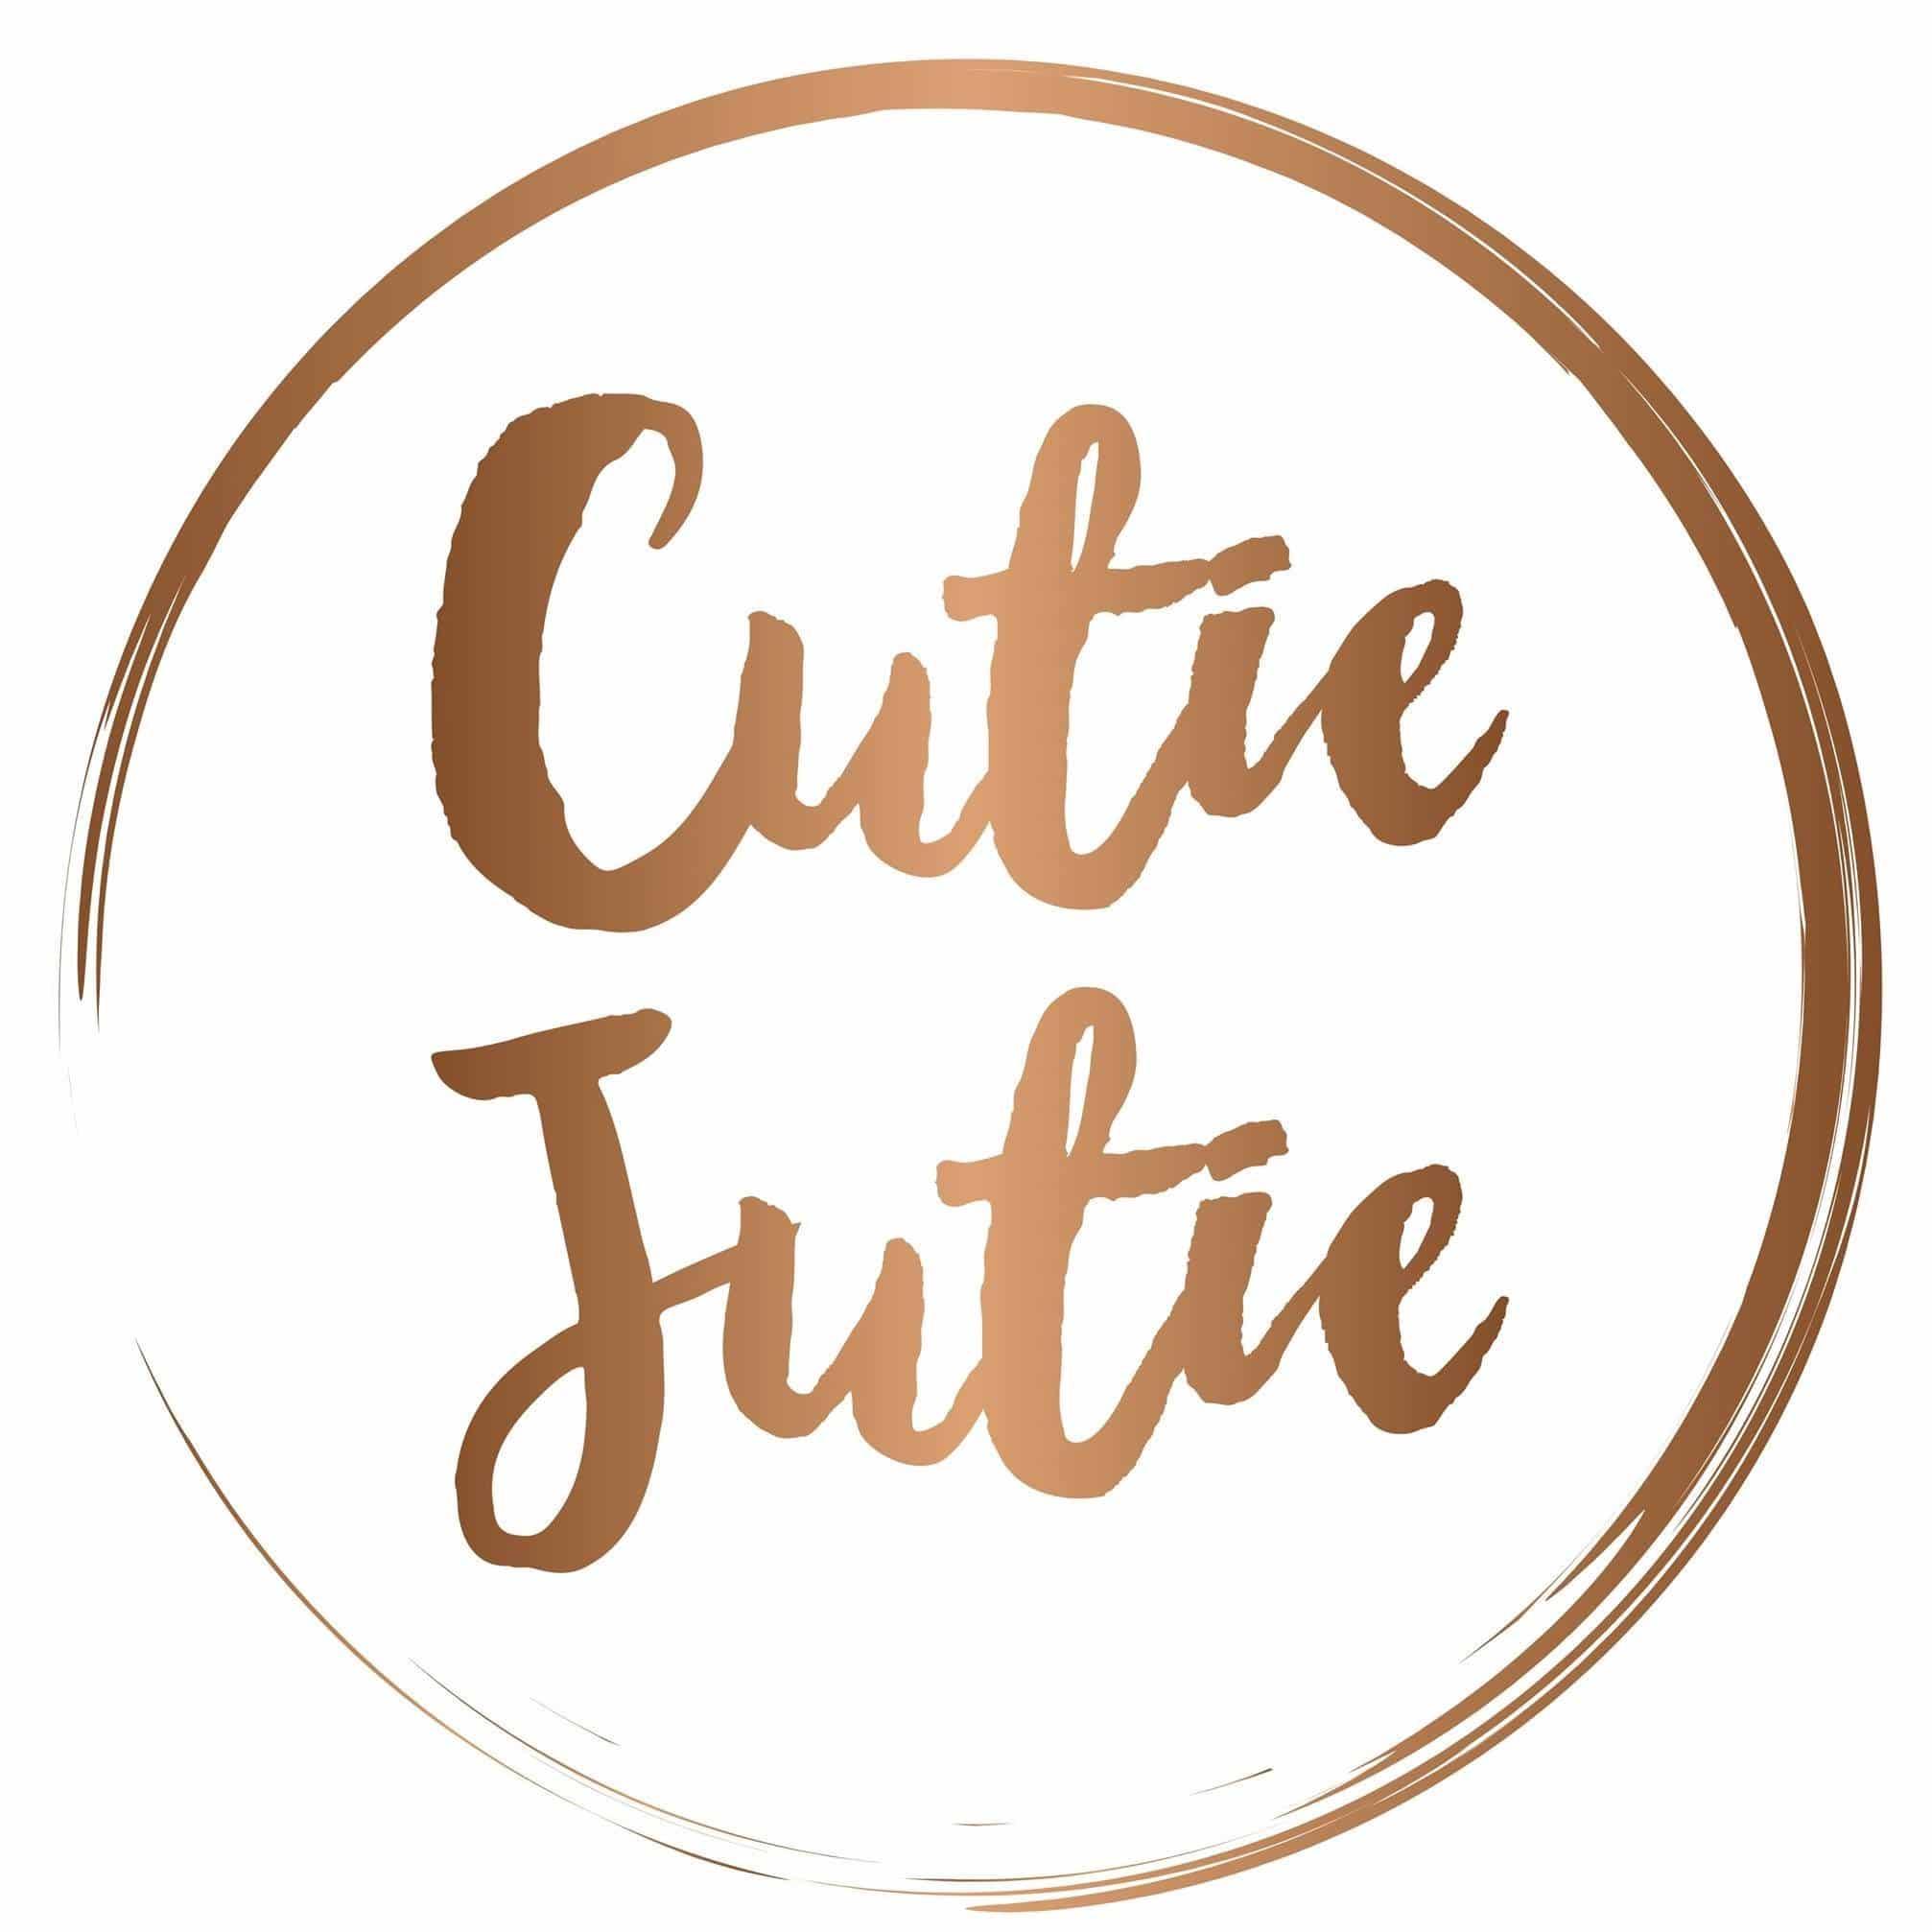 Cutie Jutie